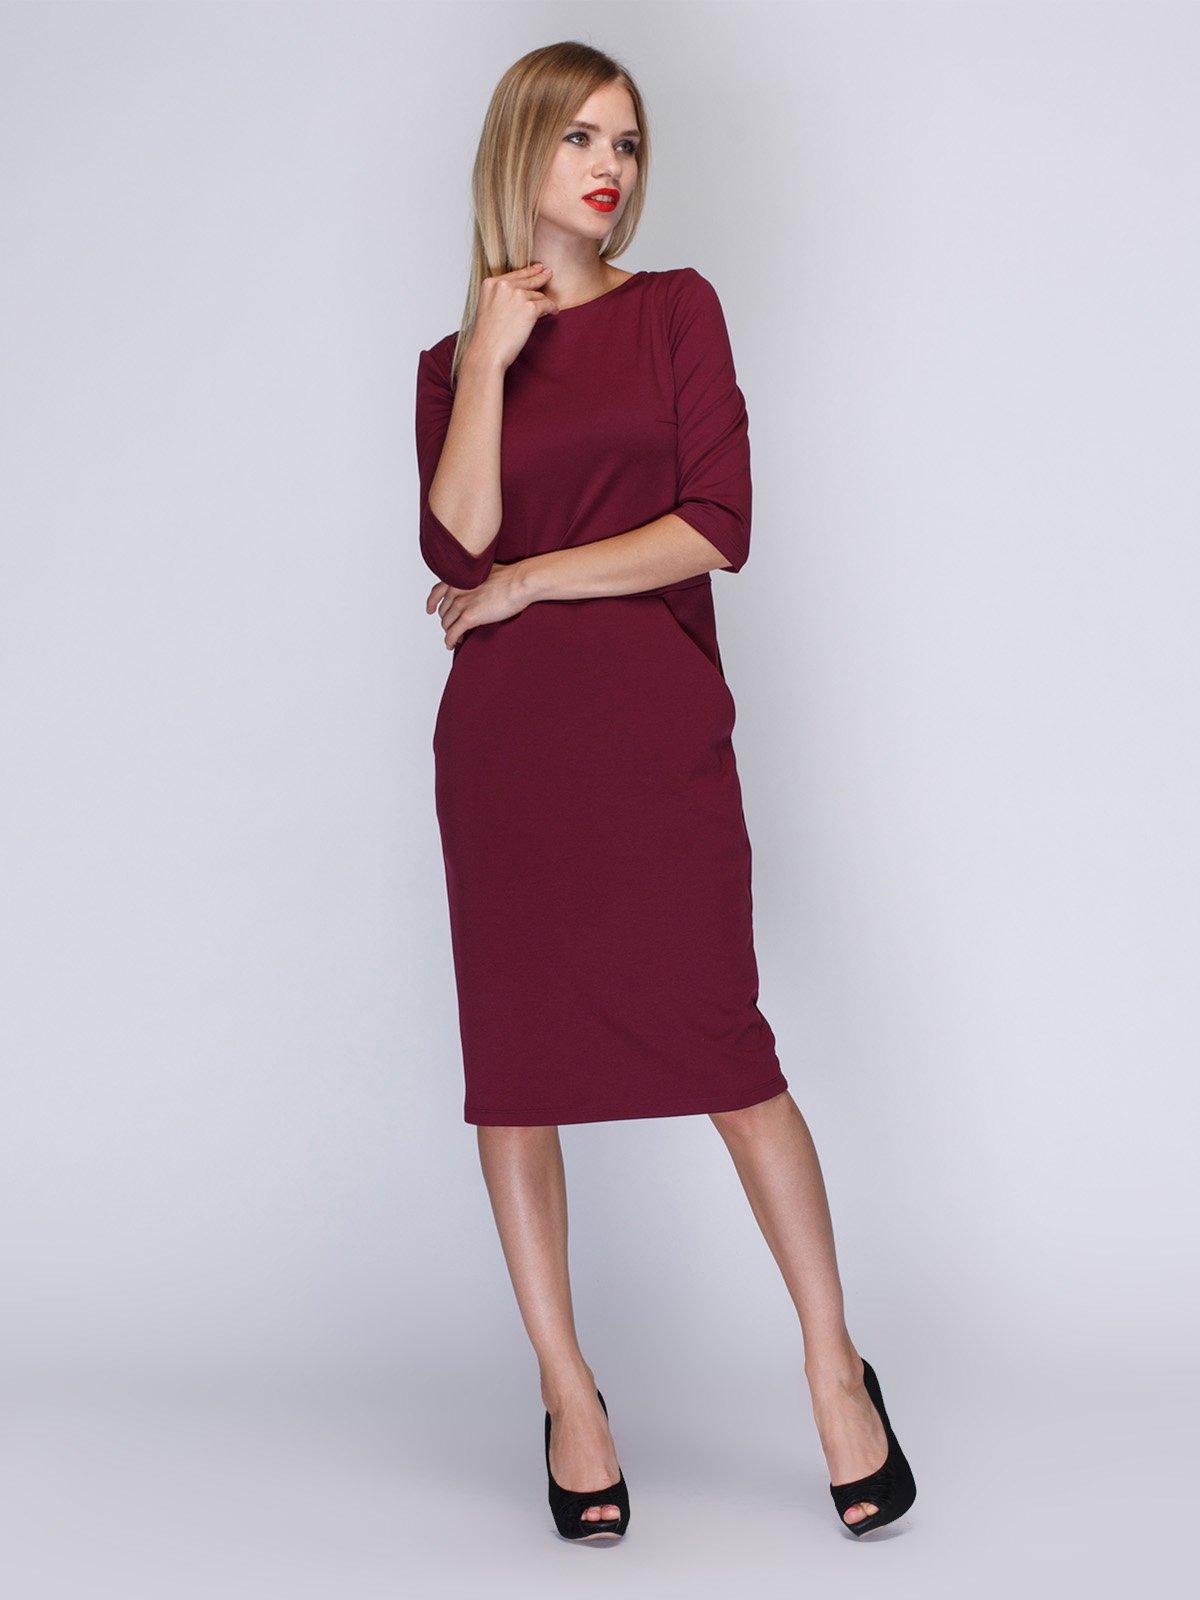 554d45606bd5053 Платье цвета марсала — MarieM, акция действует до 26 ноября 2018 ...